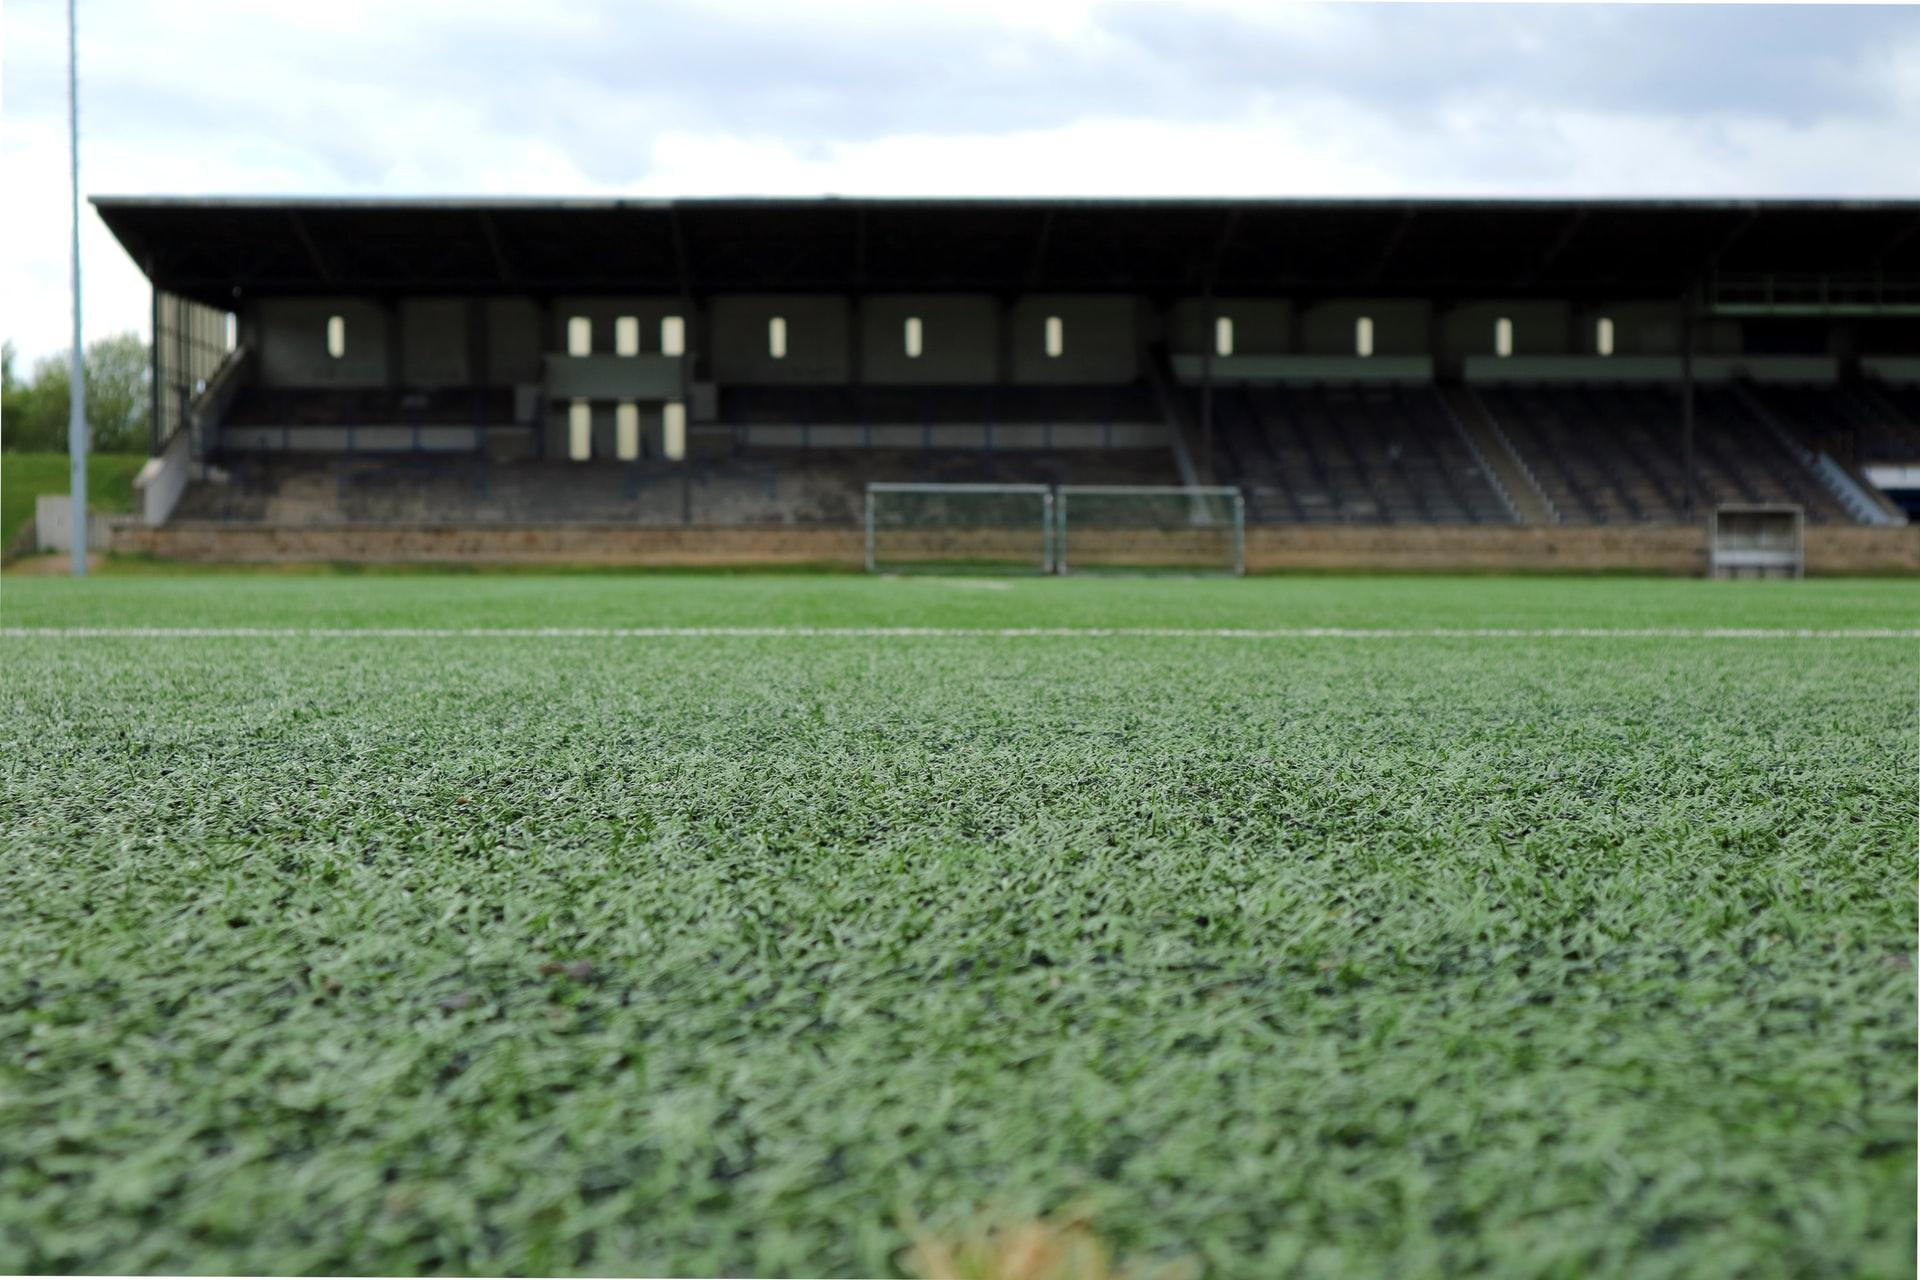 Unoccupied sports field